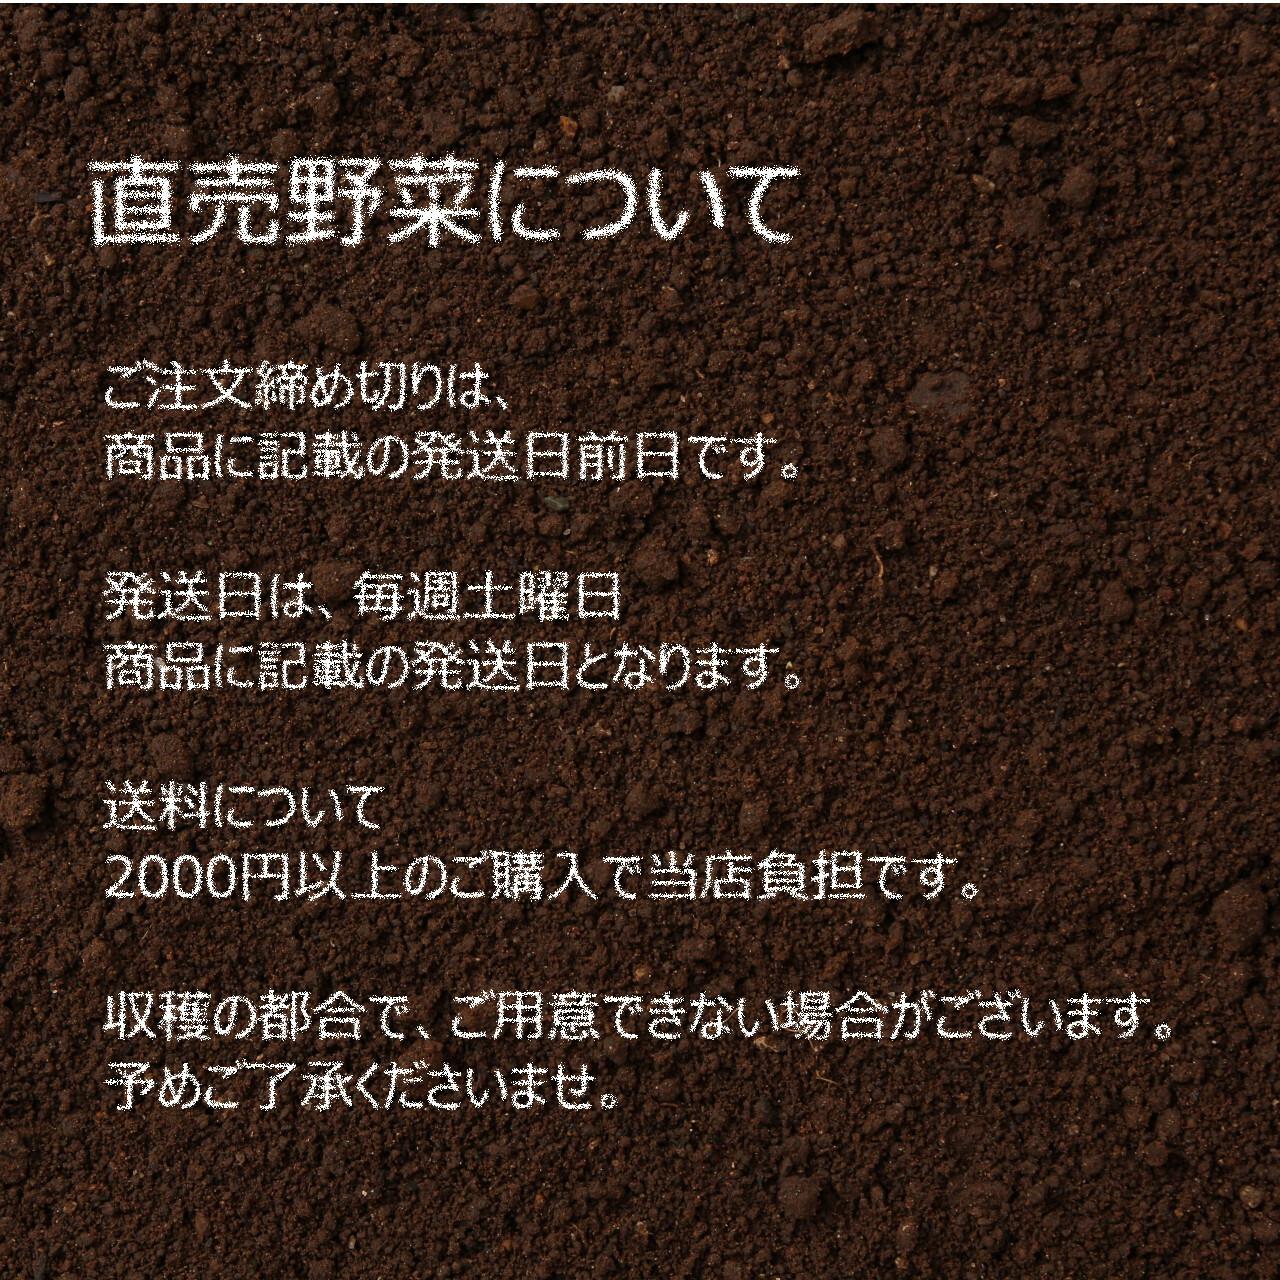 5月の朝採り直売野菜:赤カブ 10個 5月18日発送予定